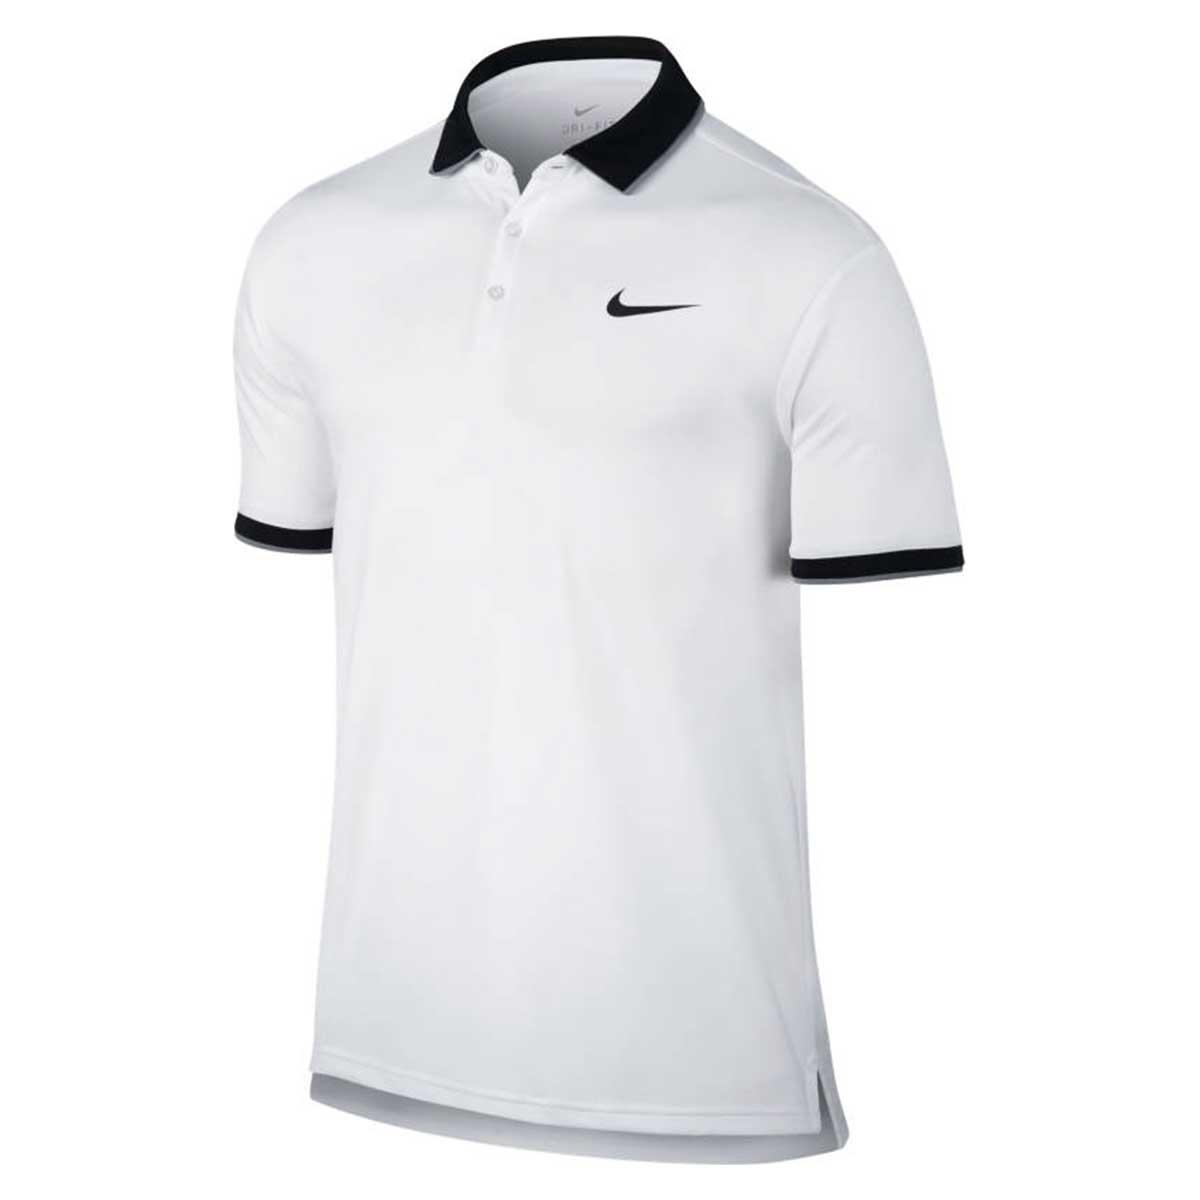 5dcac85e Buy Nike Mens Dri-Fit Polo T-Shirt (White/Black) Online India|Nike ...